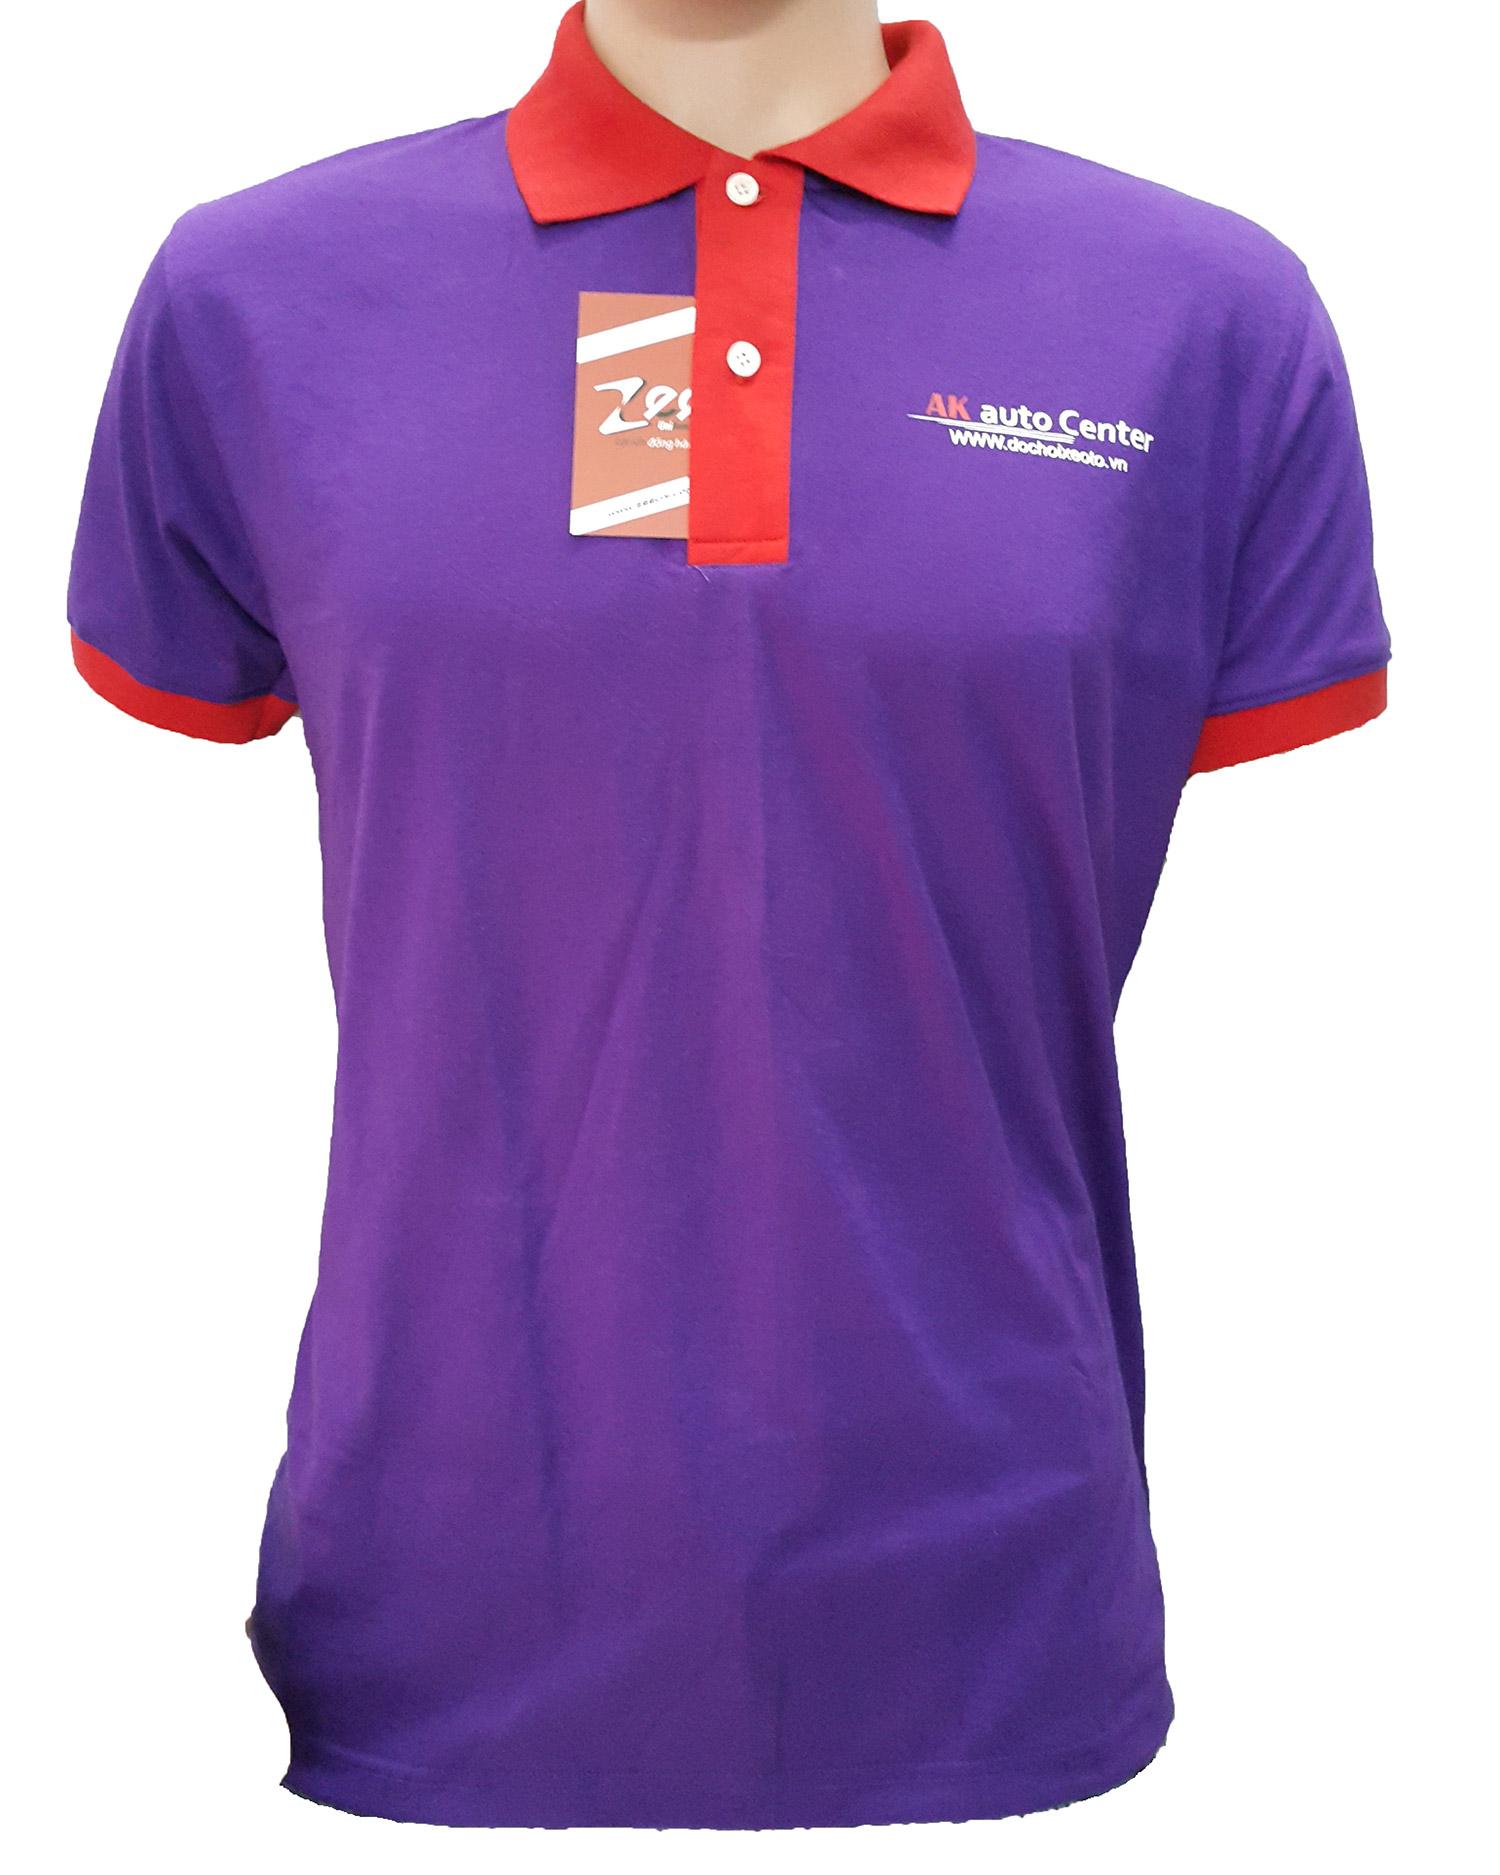 Mẫu áo thun đồng phục dịch vụ của AK Auto Center - mặt trước